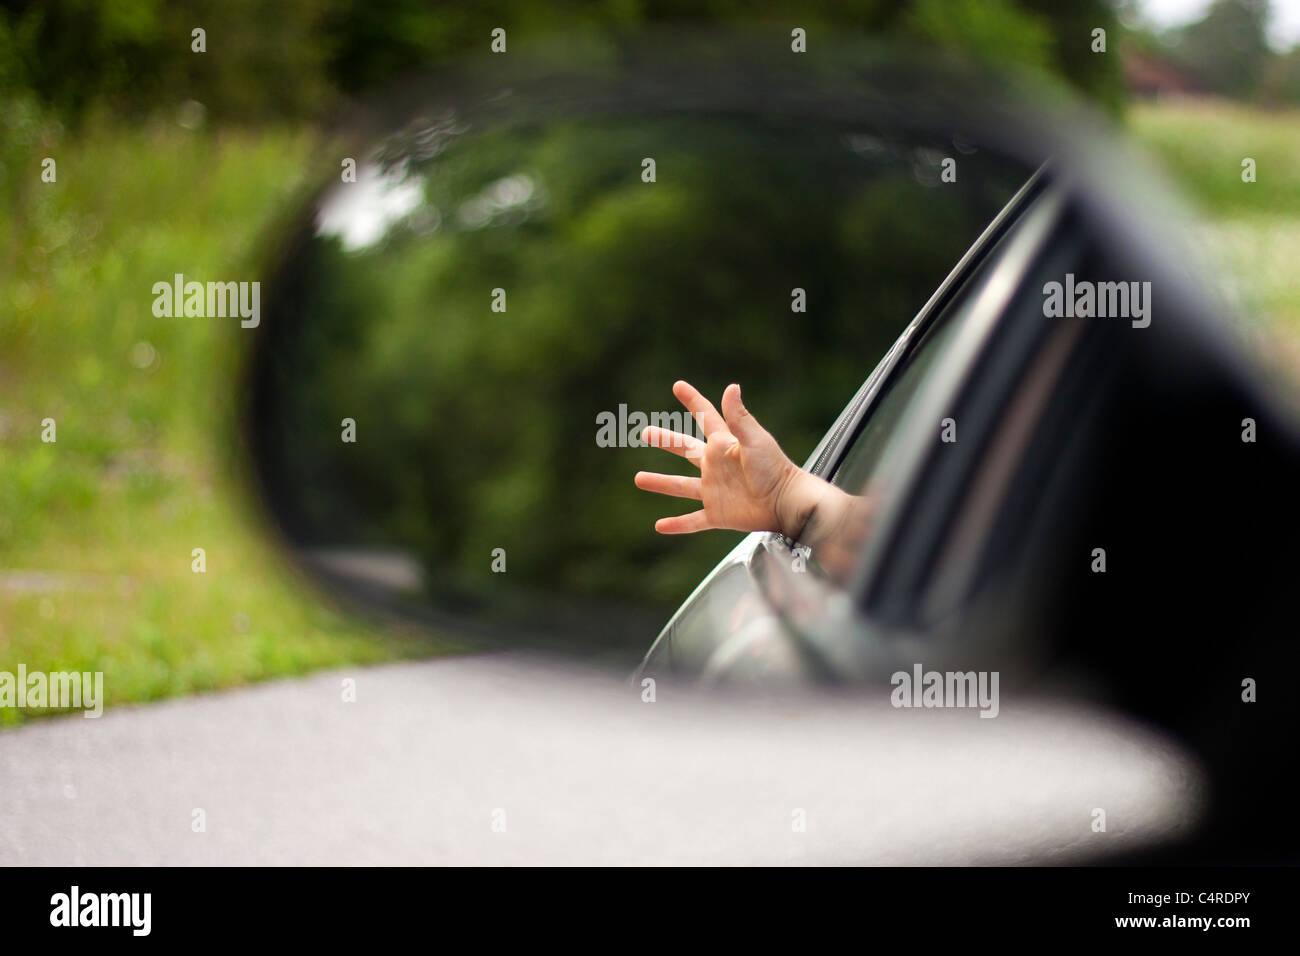 De un lado los muchachos llega un coche de la ventana para sentir el viento Imagen De Stock